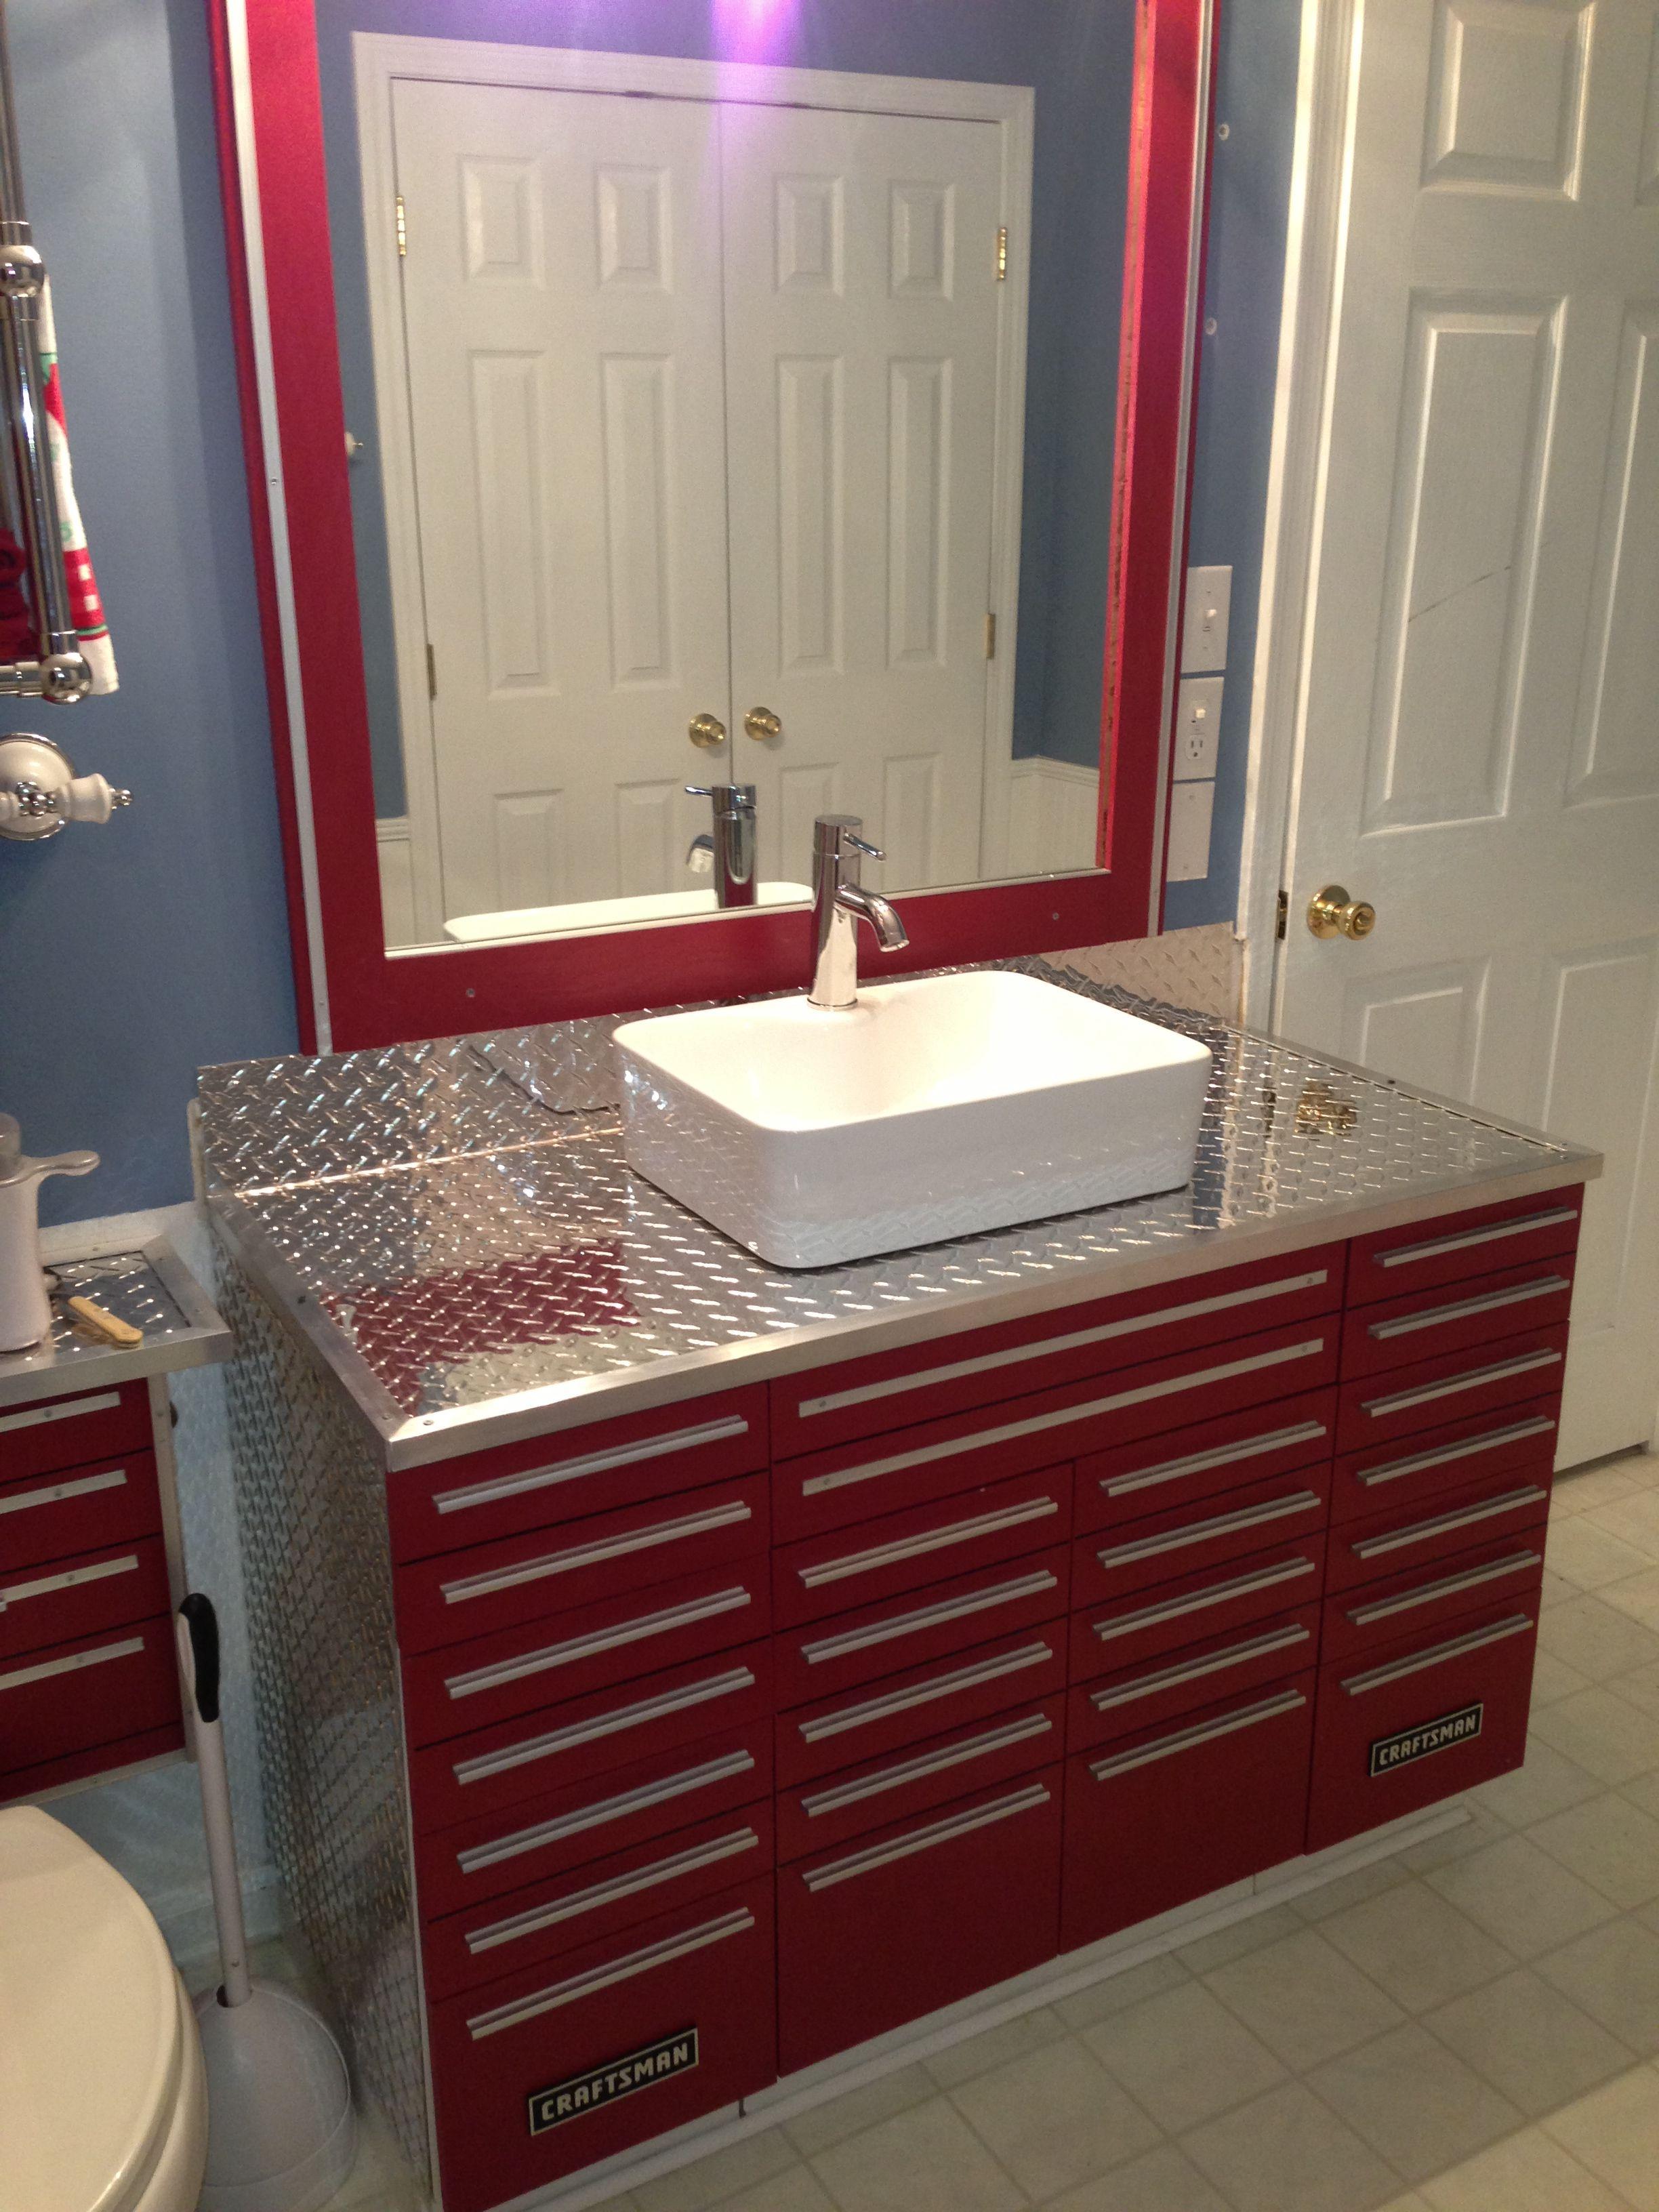 Man Cave Bathroom Vanity Sinks